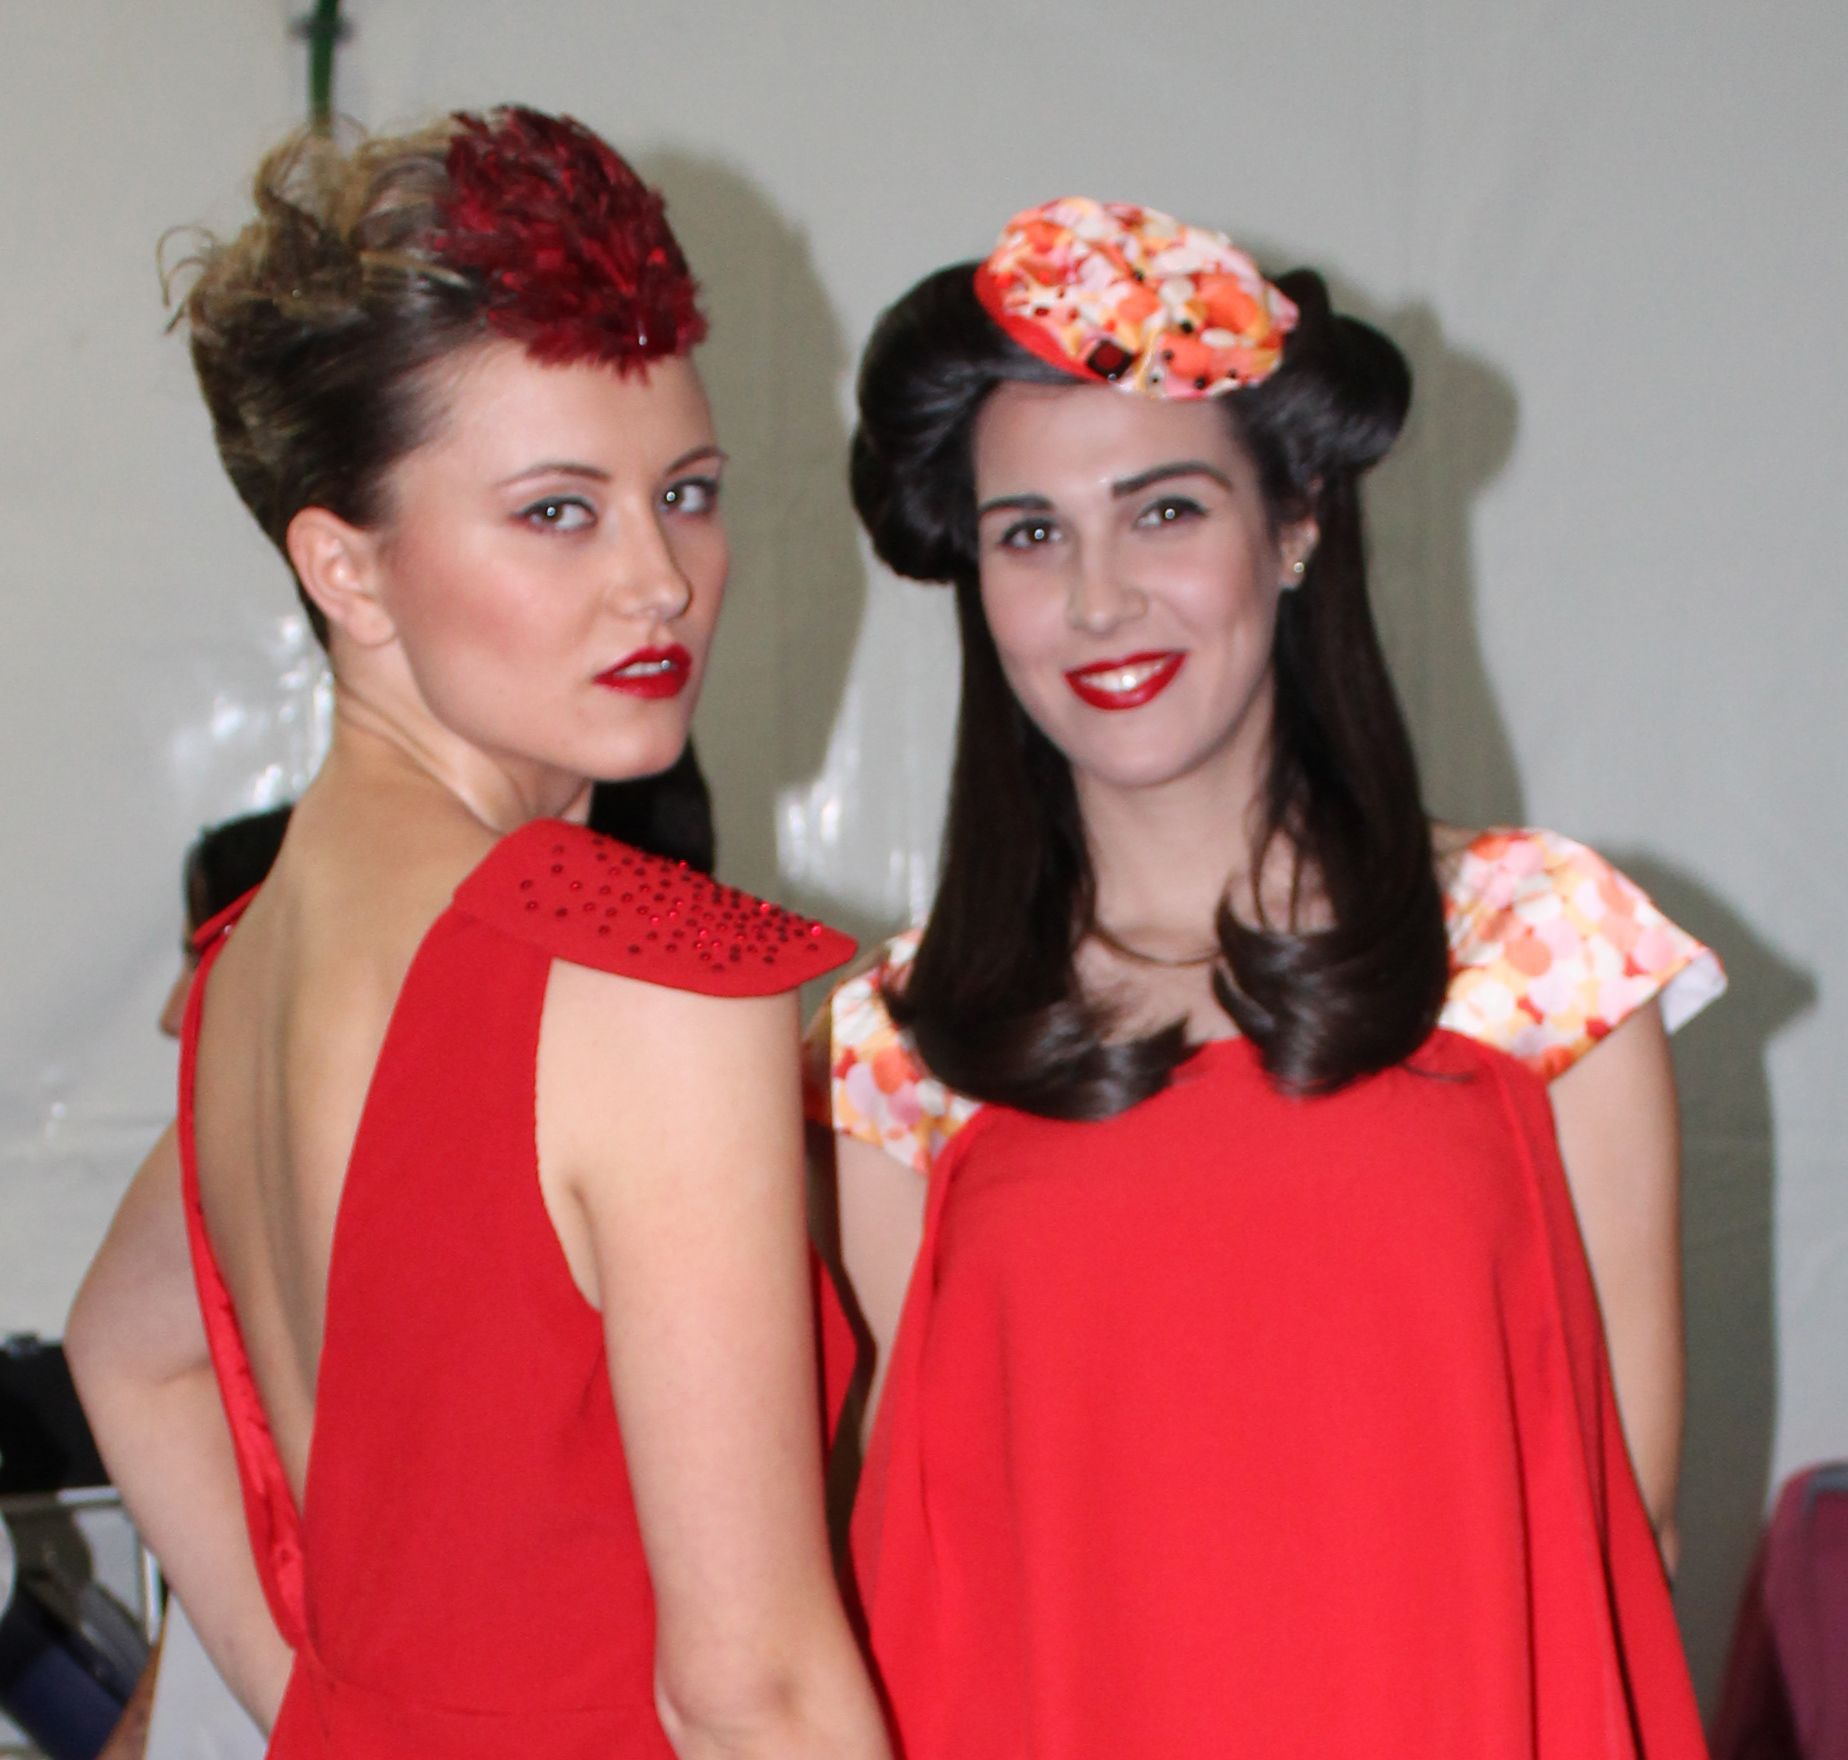 Backstage desfile noche en blanco, AlmerIa 2013. Tocado de plumas en tonos rojizos. Tocado de seda emarañado sobre base de sinamay y detalles en cristal de murano.